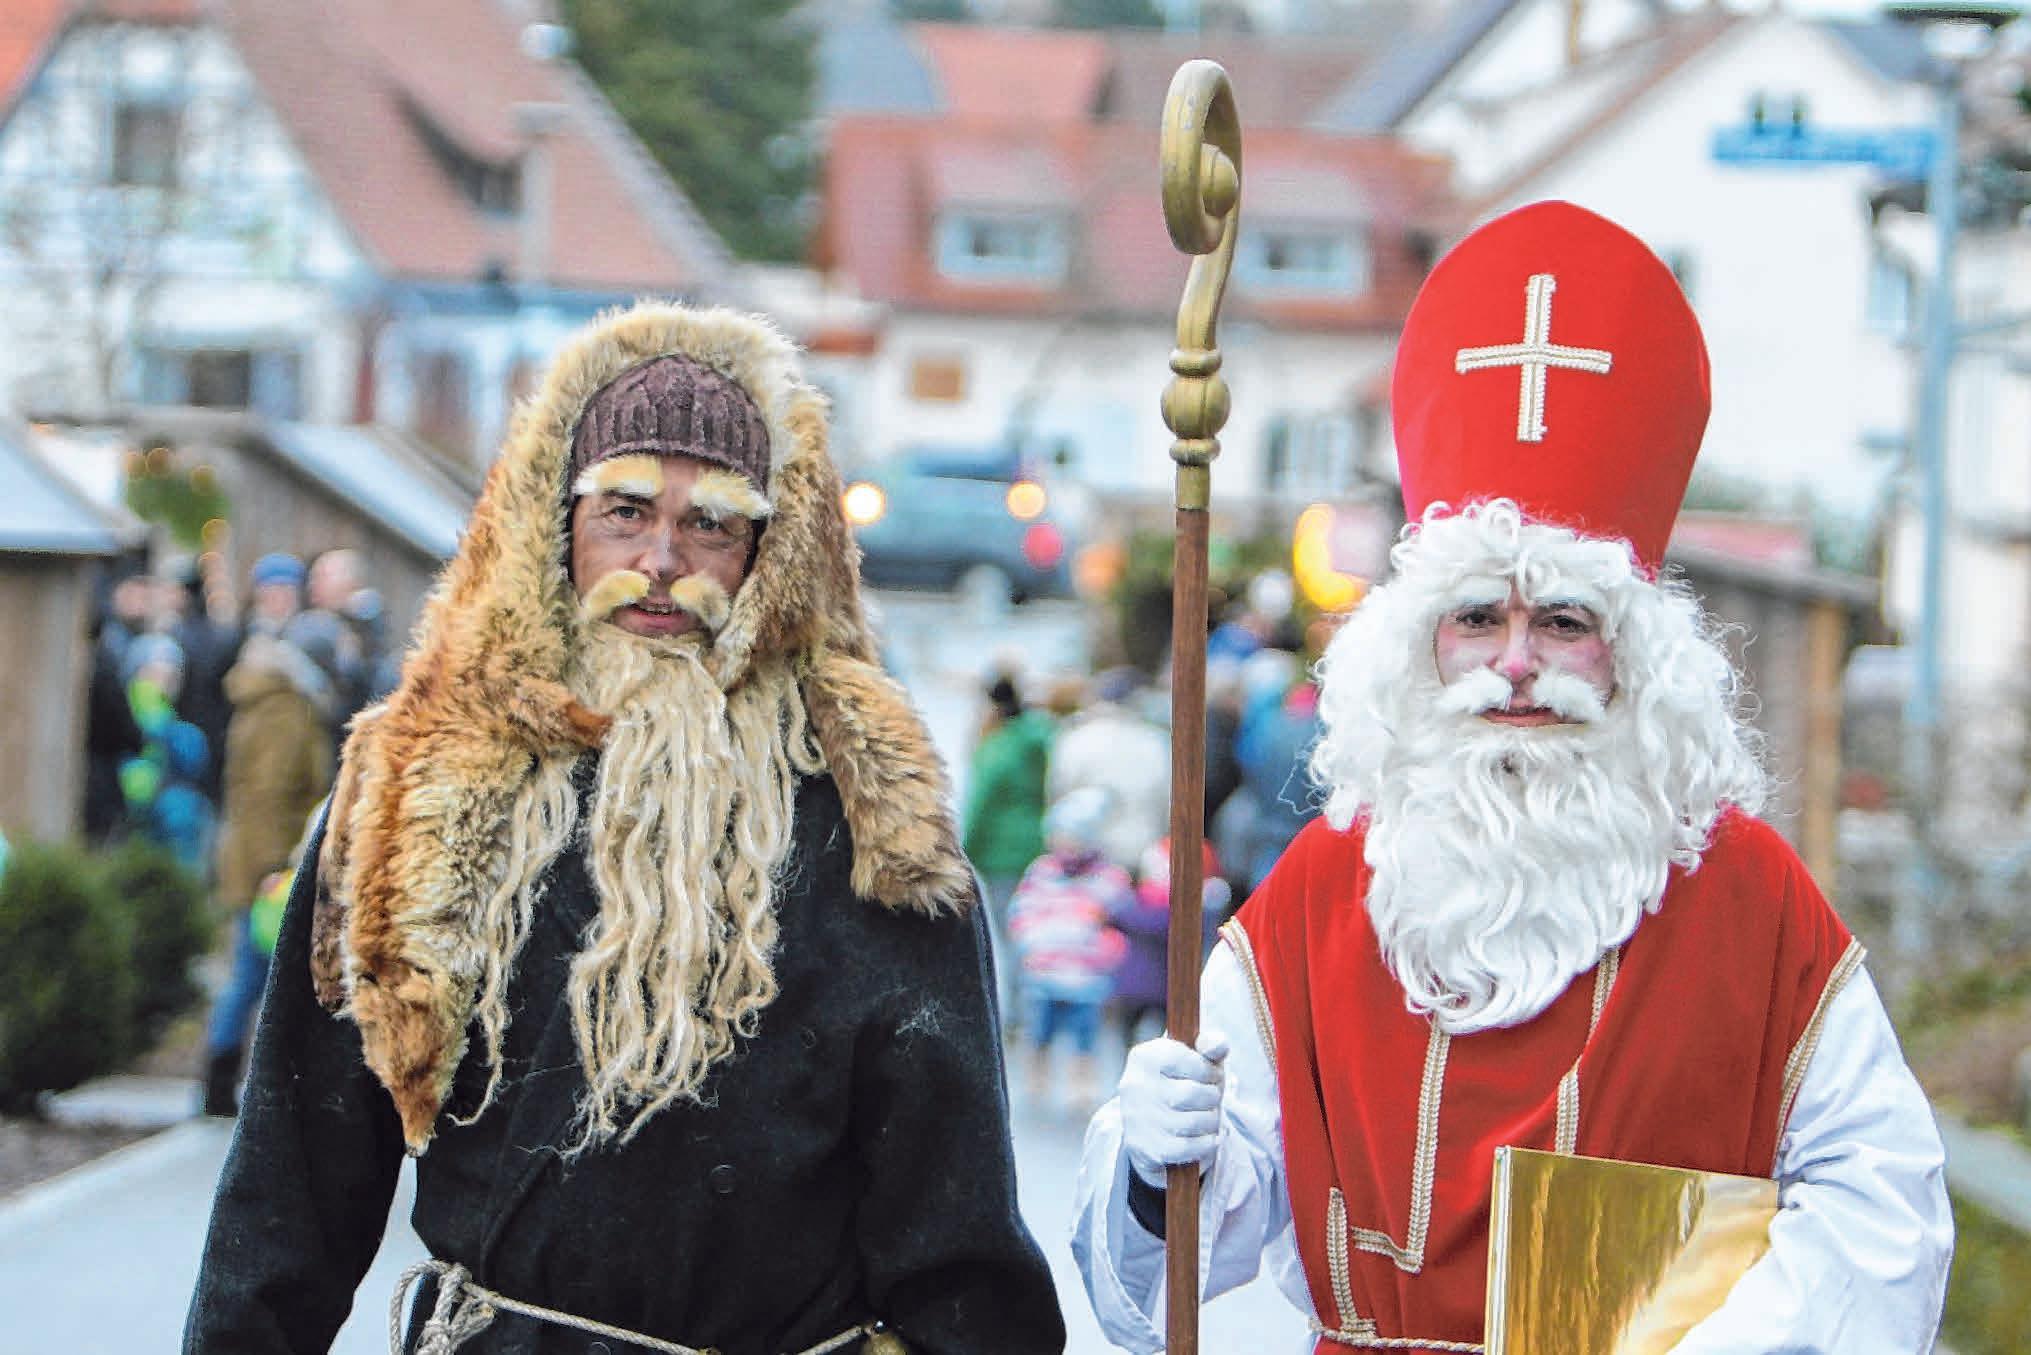 Auch wenn Knecht Ruprecht im wärmenden Fuchspelz in Ostrach vorbeischaut, fuchsteufelswild wird er dennoch nicht. Dafür sorgt schon der Nikolaus. Das Niko- Gespann wird um 16 Uhr erwartet. FOTOS: NICOLE FRICK (3) / PR